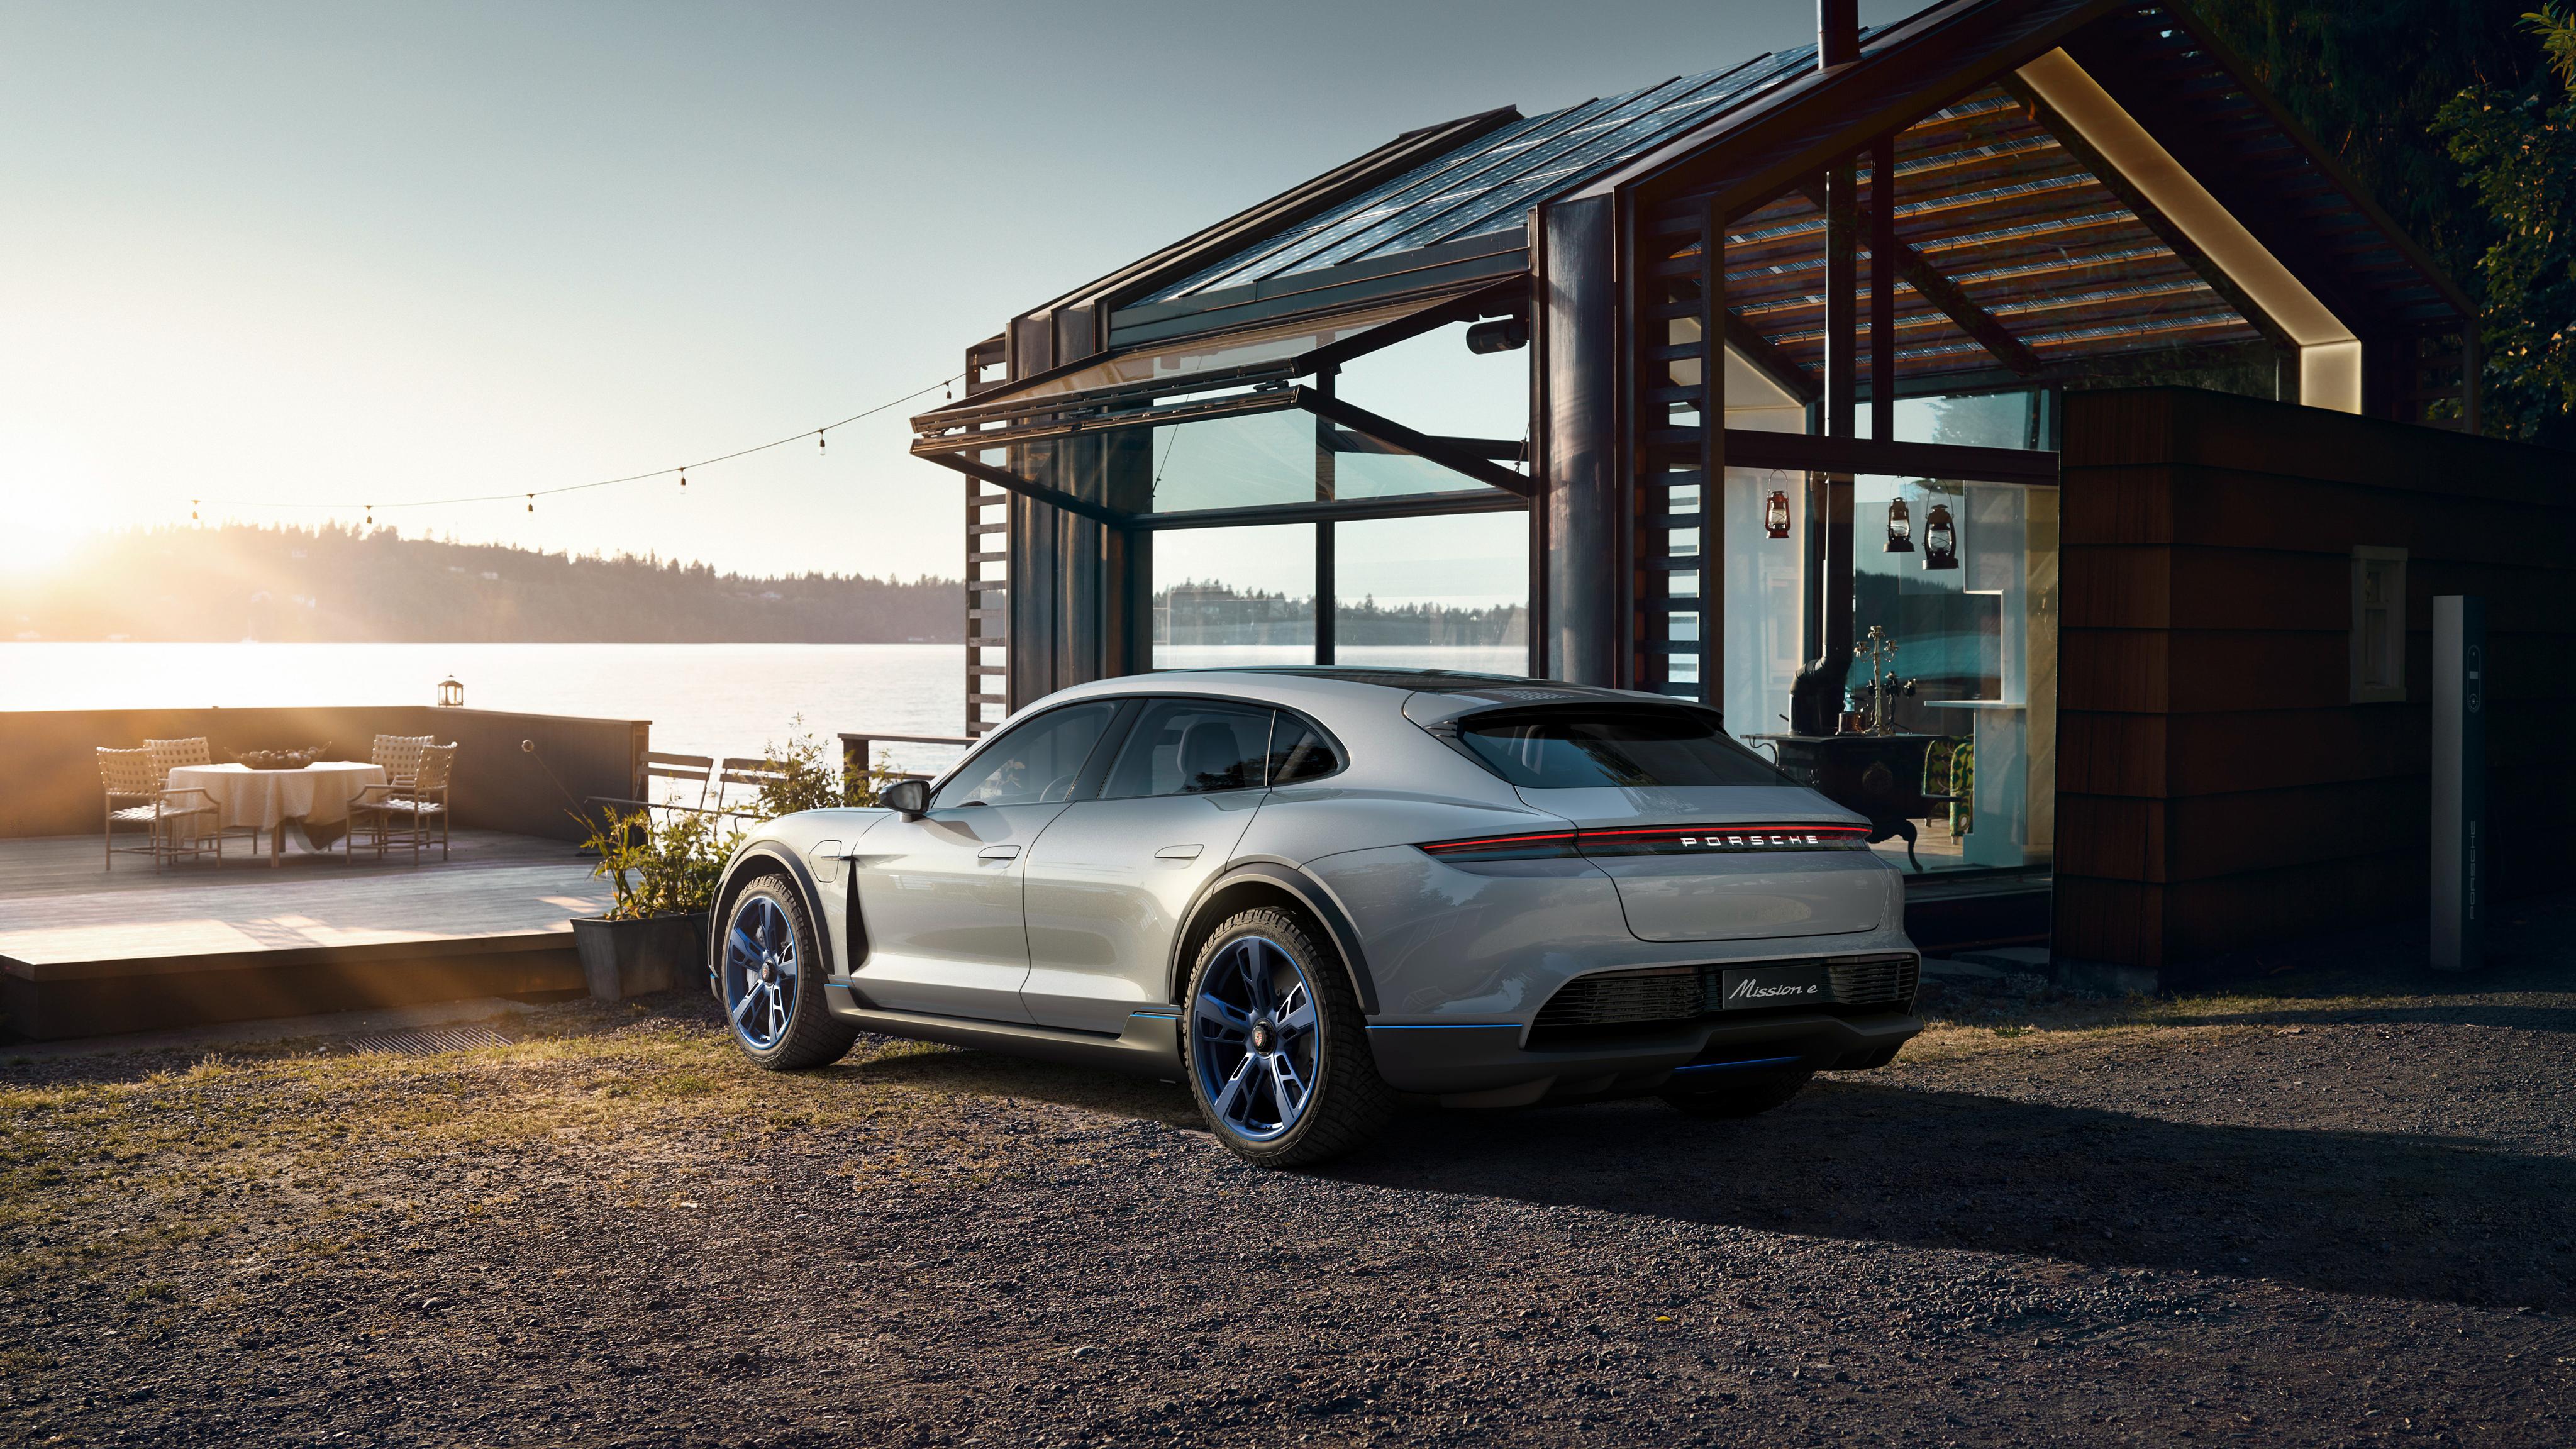 2018 Porsche Mission E Cross Turismo 4K 10 Wallpaper